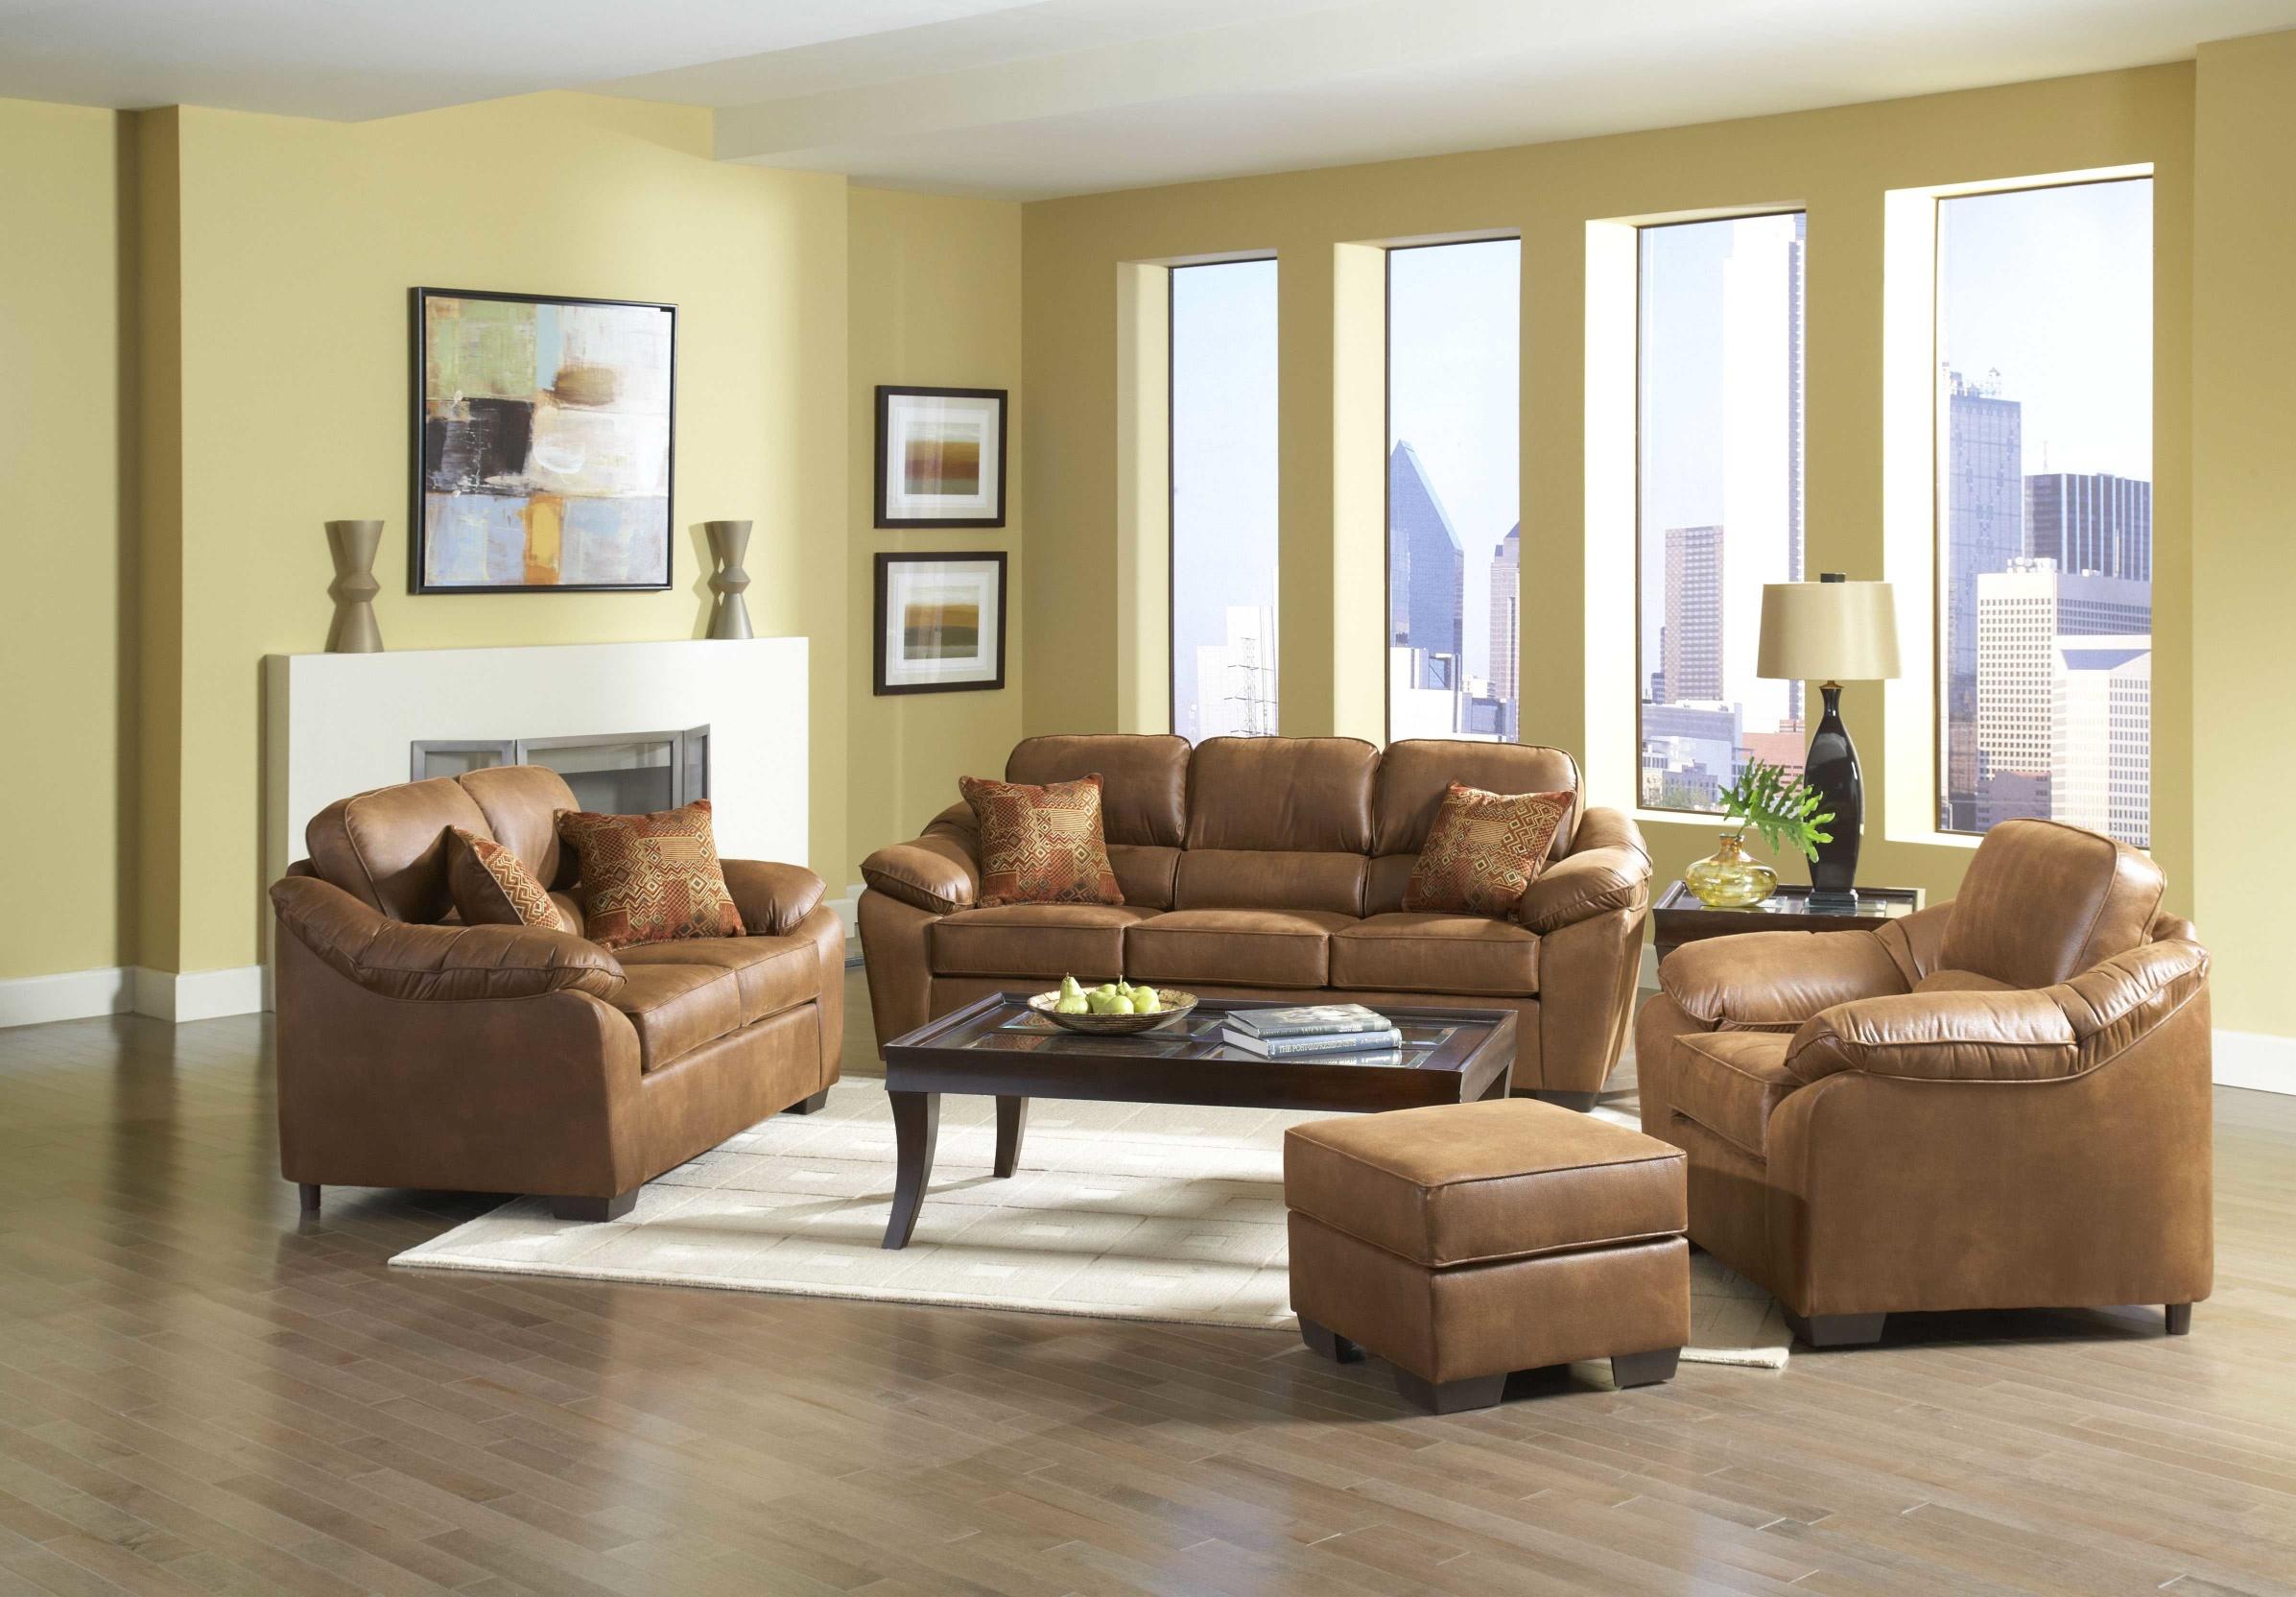 Docs Furniture West Columbia South Carolina SC